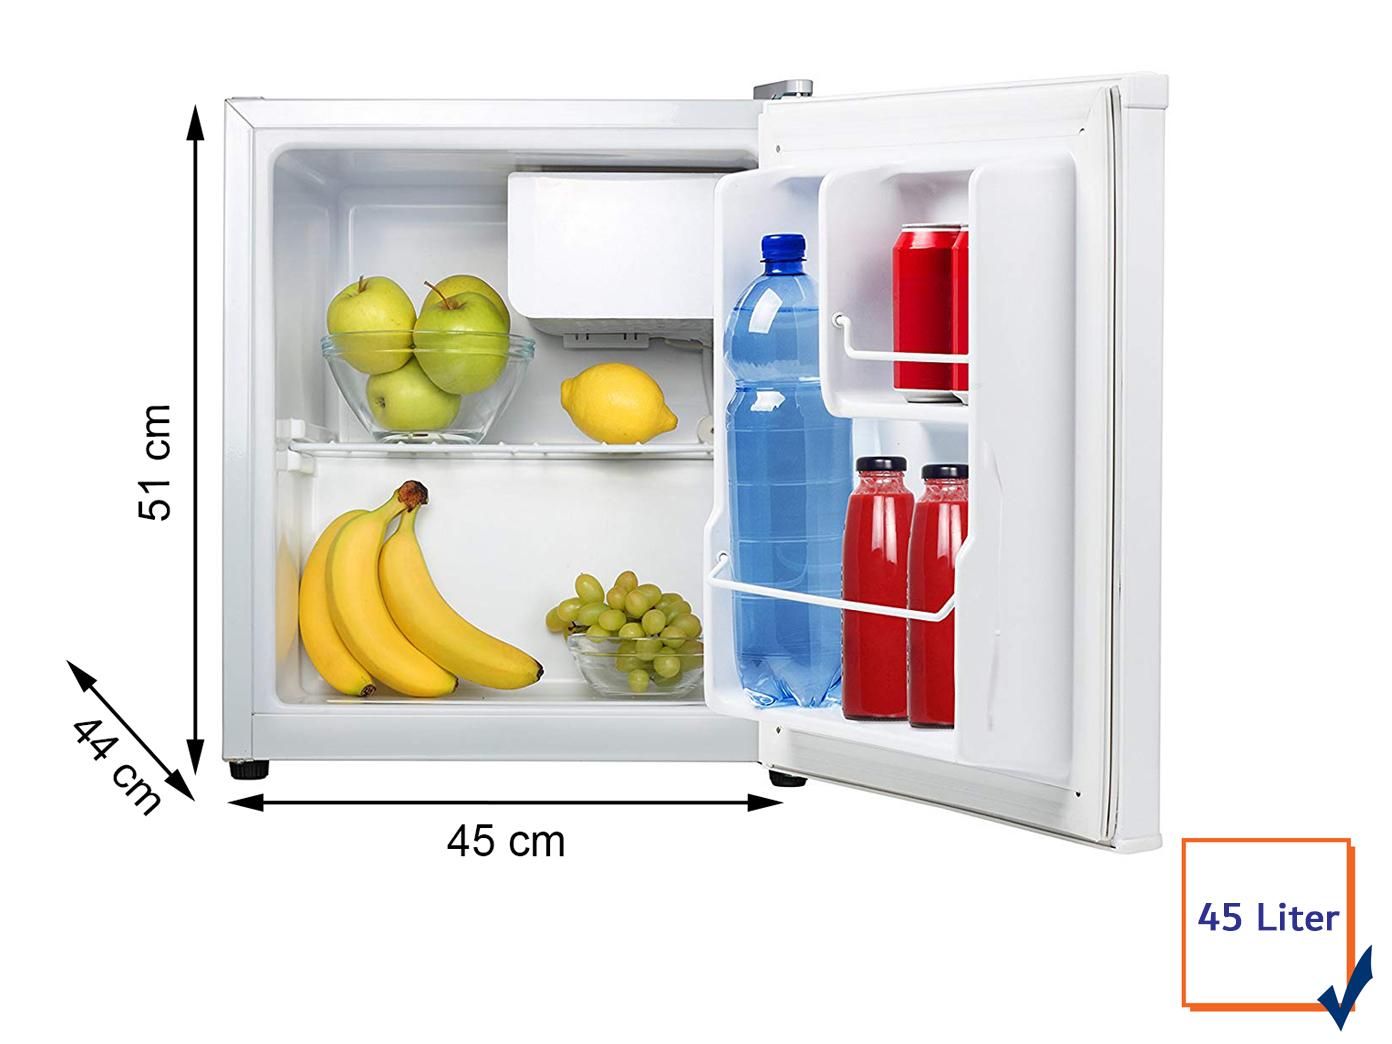 Kühlschrank Klein Mit Gefrierfach : Kleiner mini kÜhlschrank freistehend 45l mit 5l gefrierfach camping